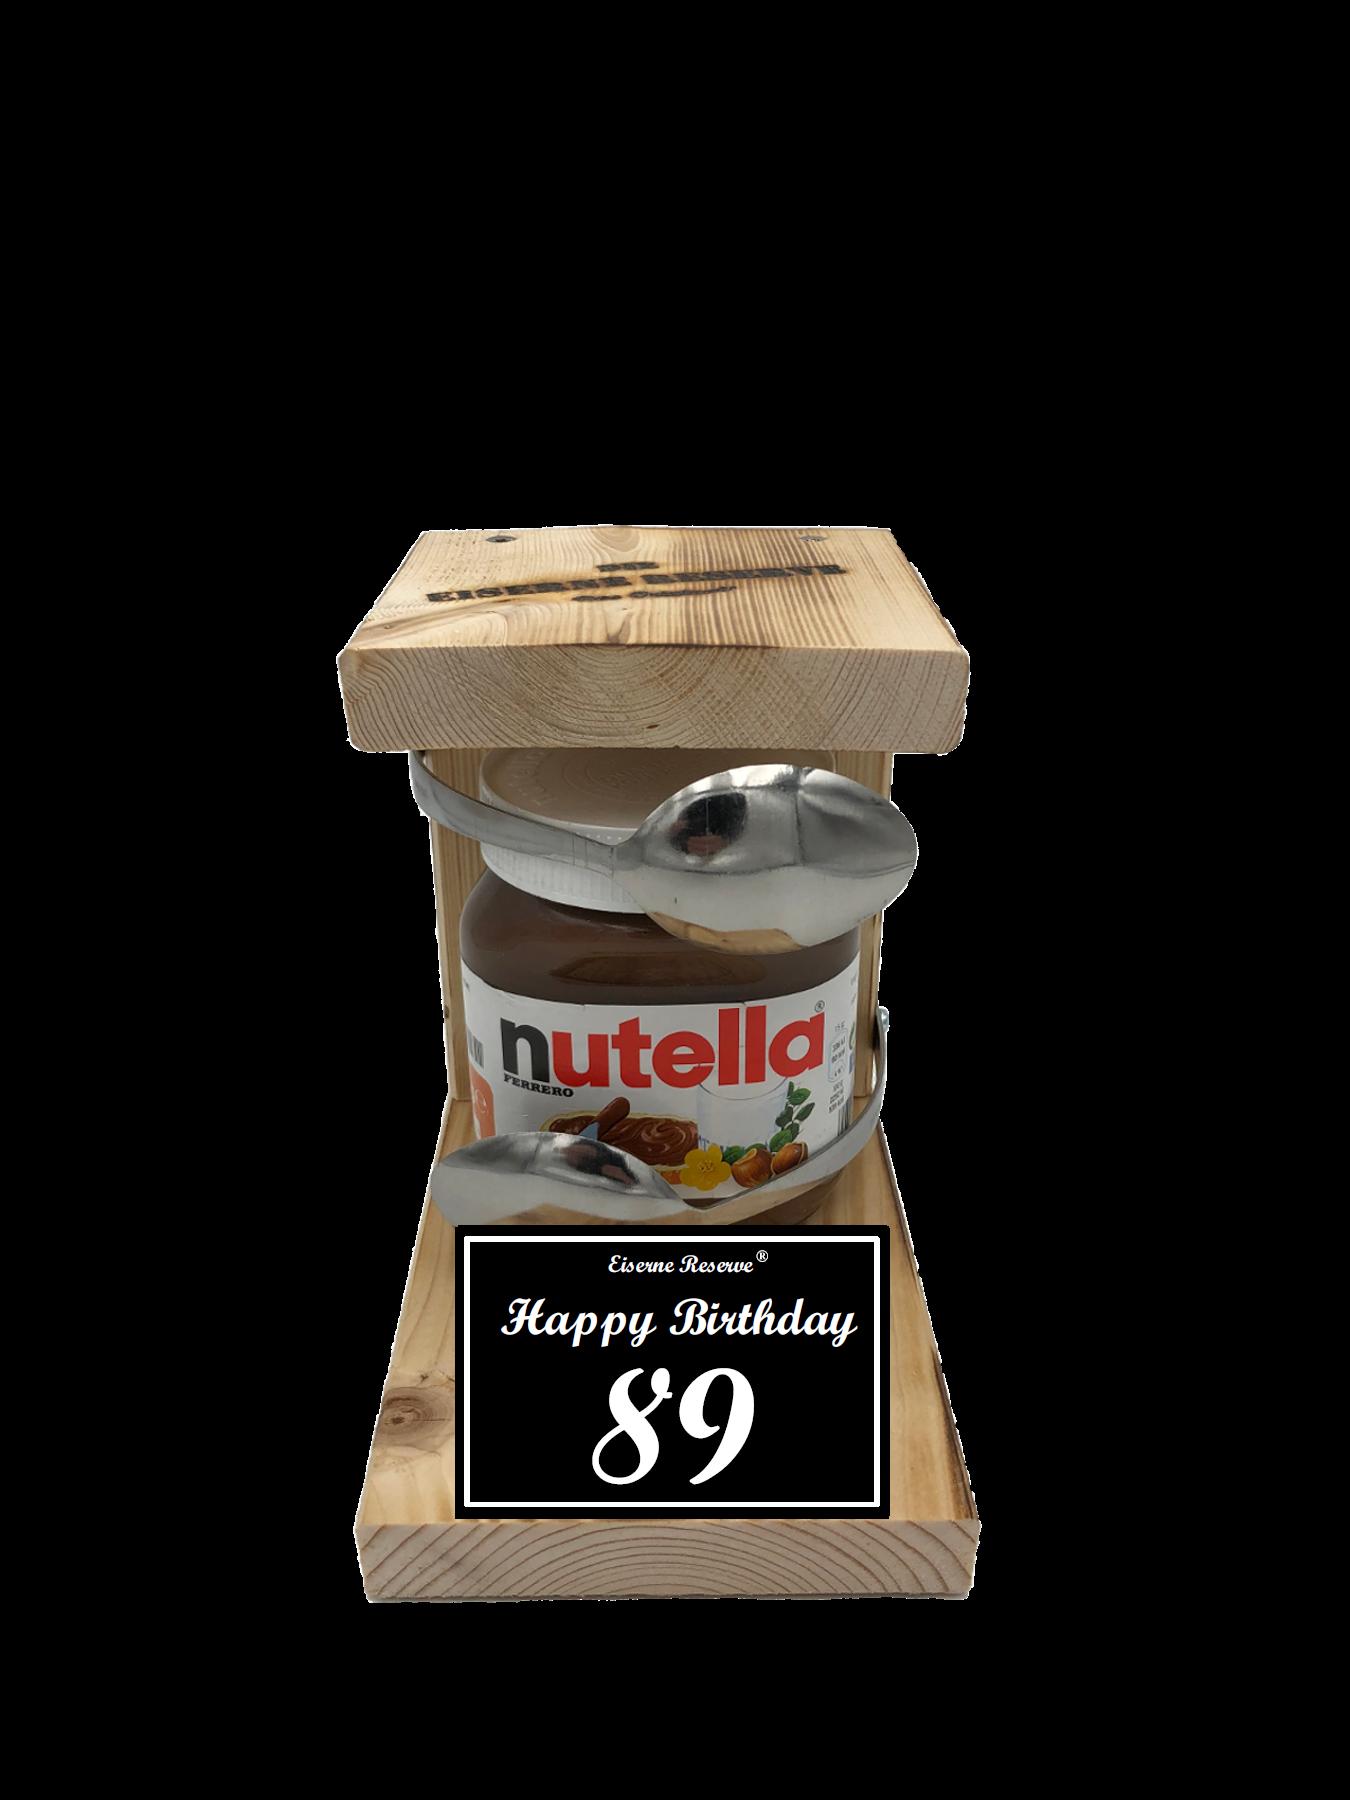 89 Happy Birthday Löffel Nutella Geschenk - Die Nutella Geschenkidee